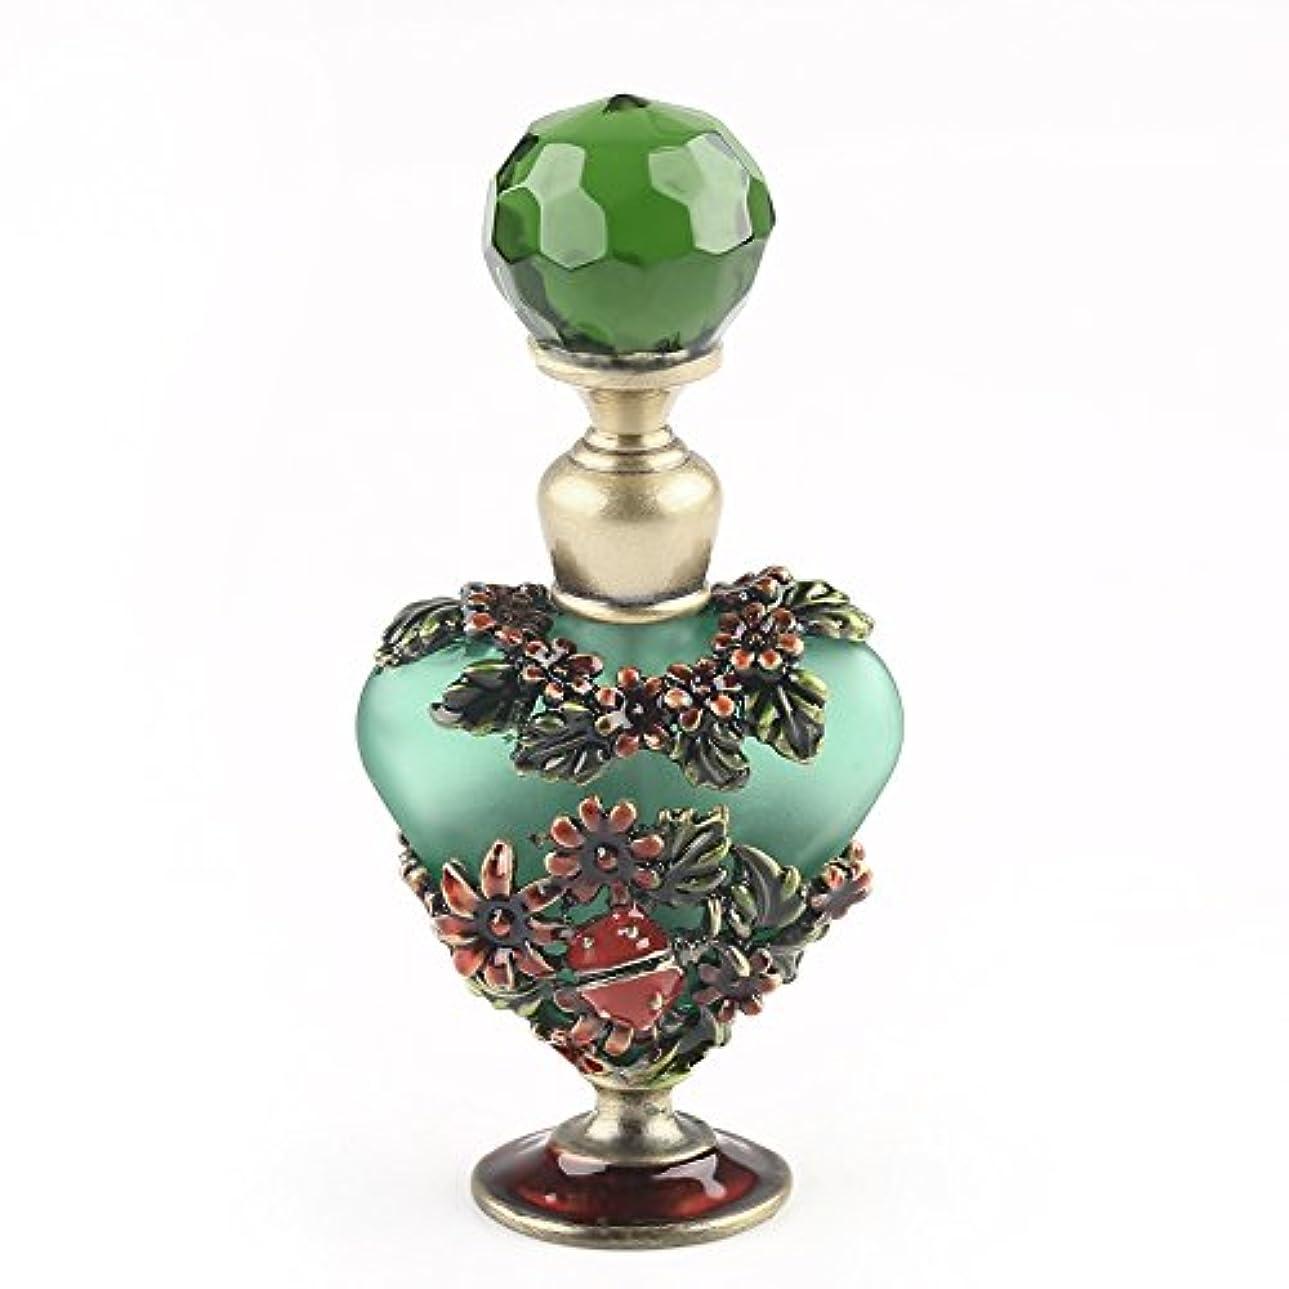 平らにする命令的呼ぶVERY100 高品質 美しい香水瓶/アロマボトル 5ML アロマオイル用瓶 綺麗アンティーク調 フラワーデザイン プレゼント 結婚式 飾り 70292